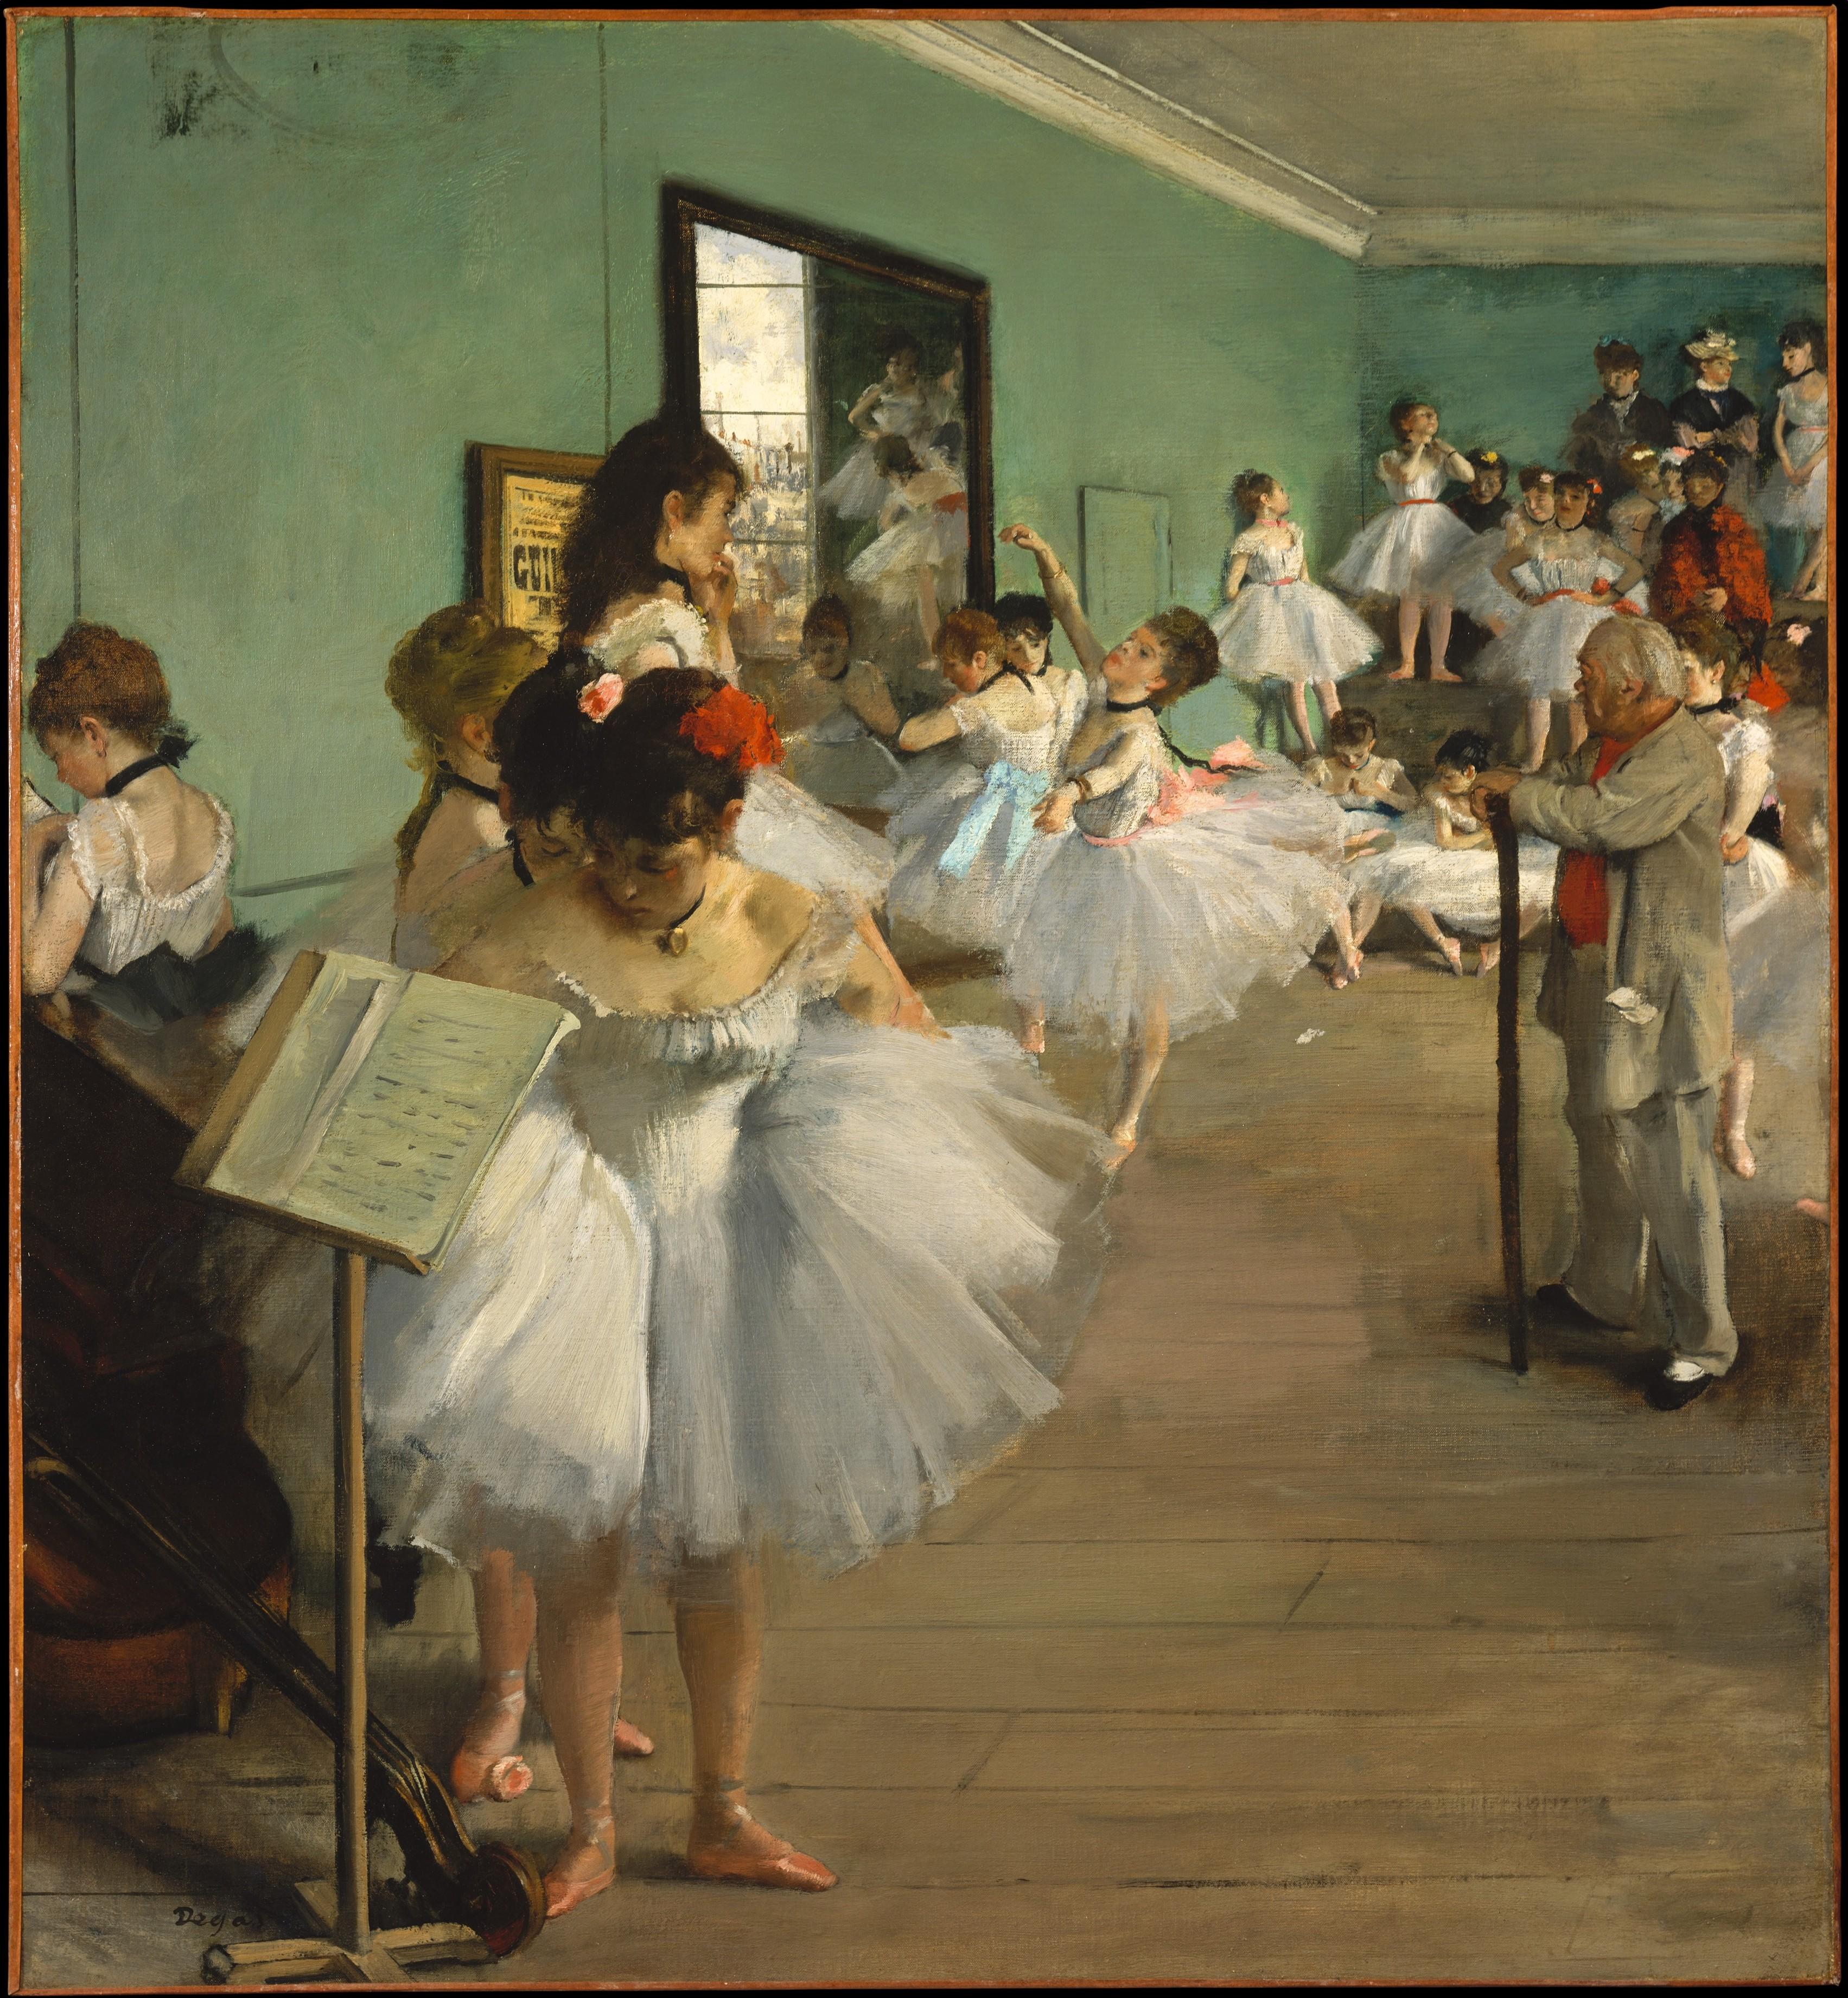 FileEdgar Degas The Dance Classjpg  Wikimedia Commons